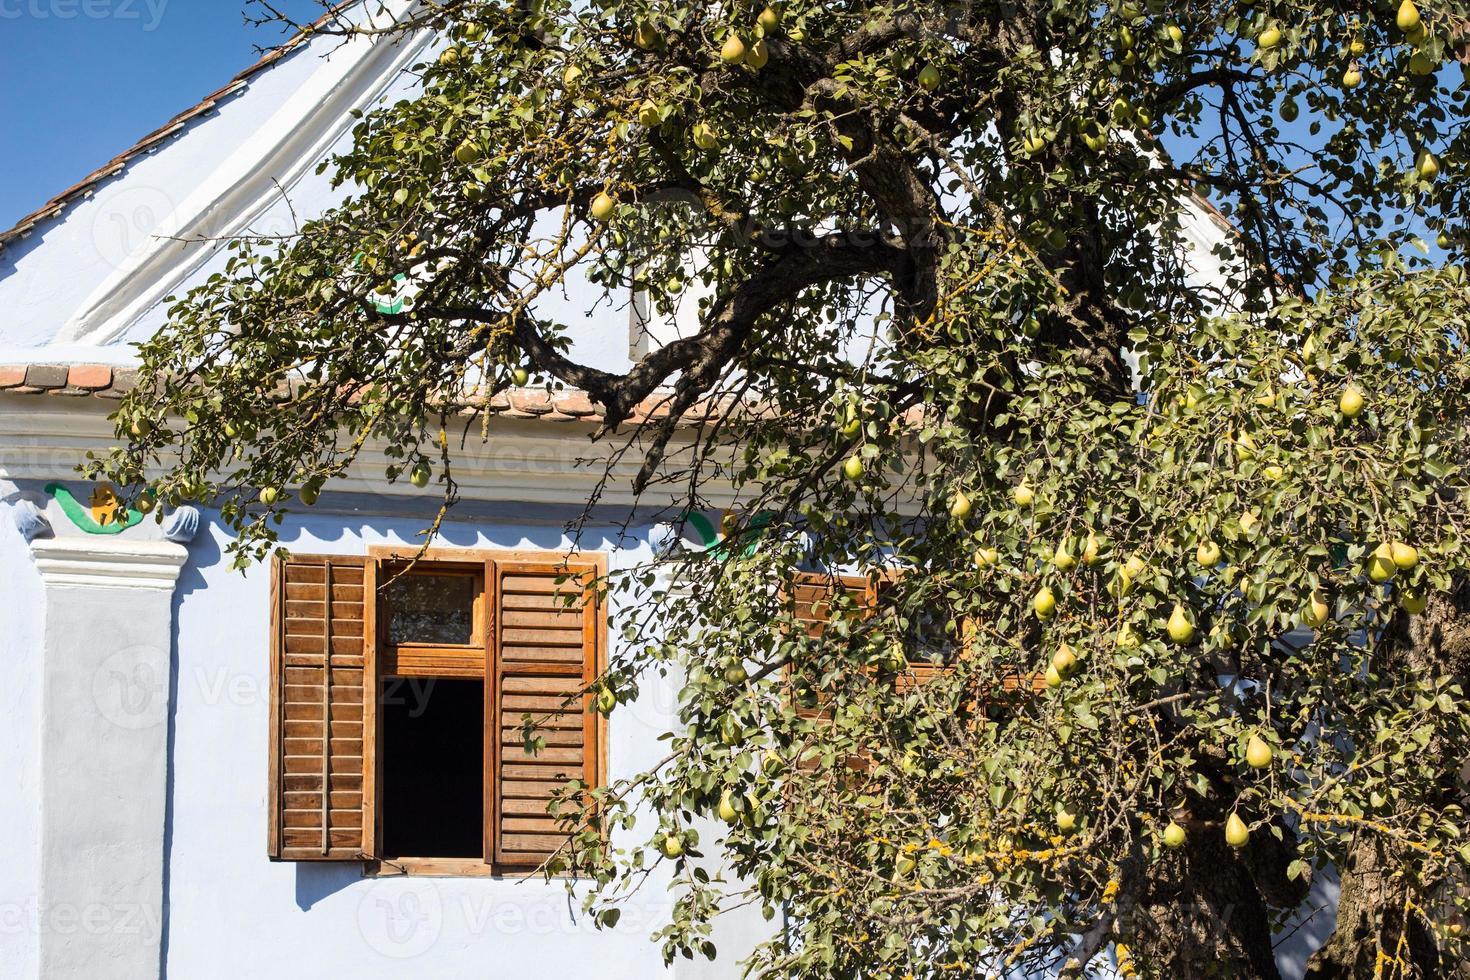 casa tradizionale di viscri, transilvania foto